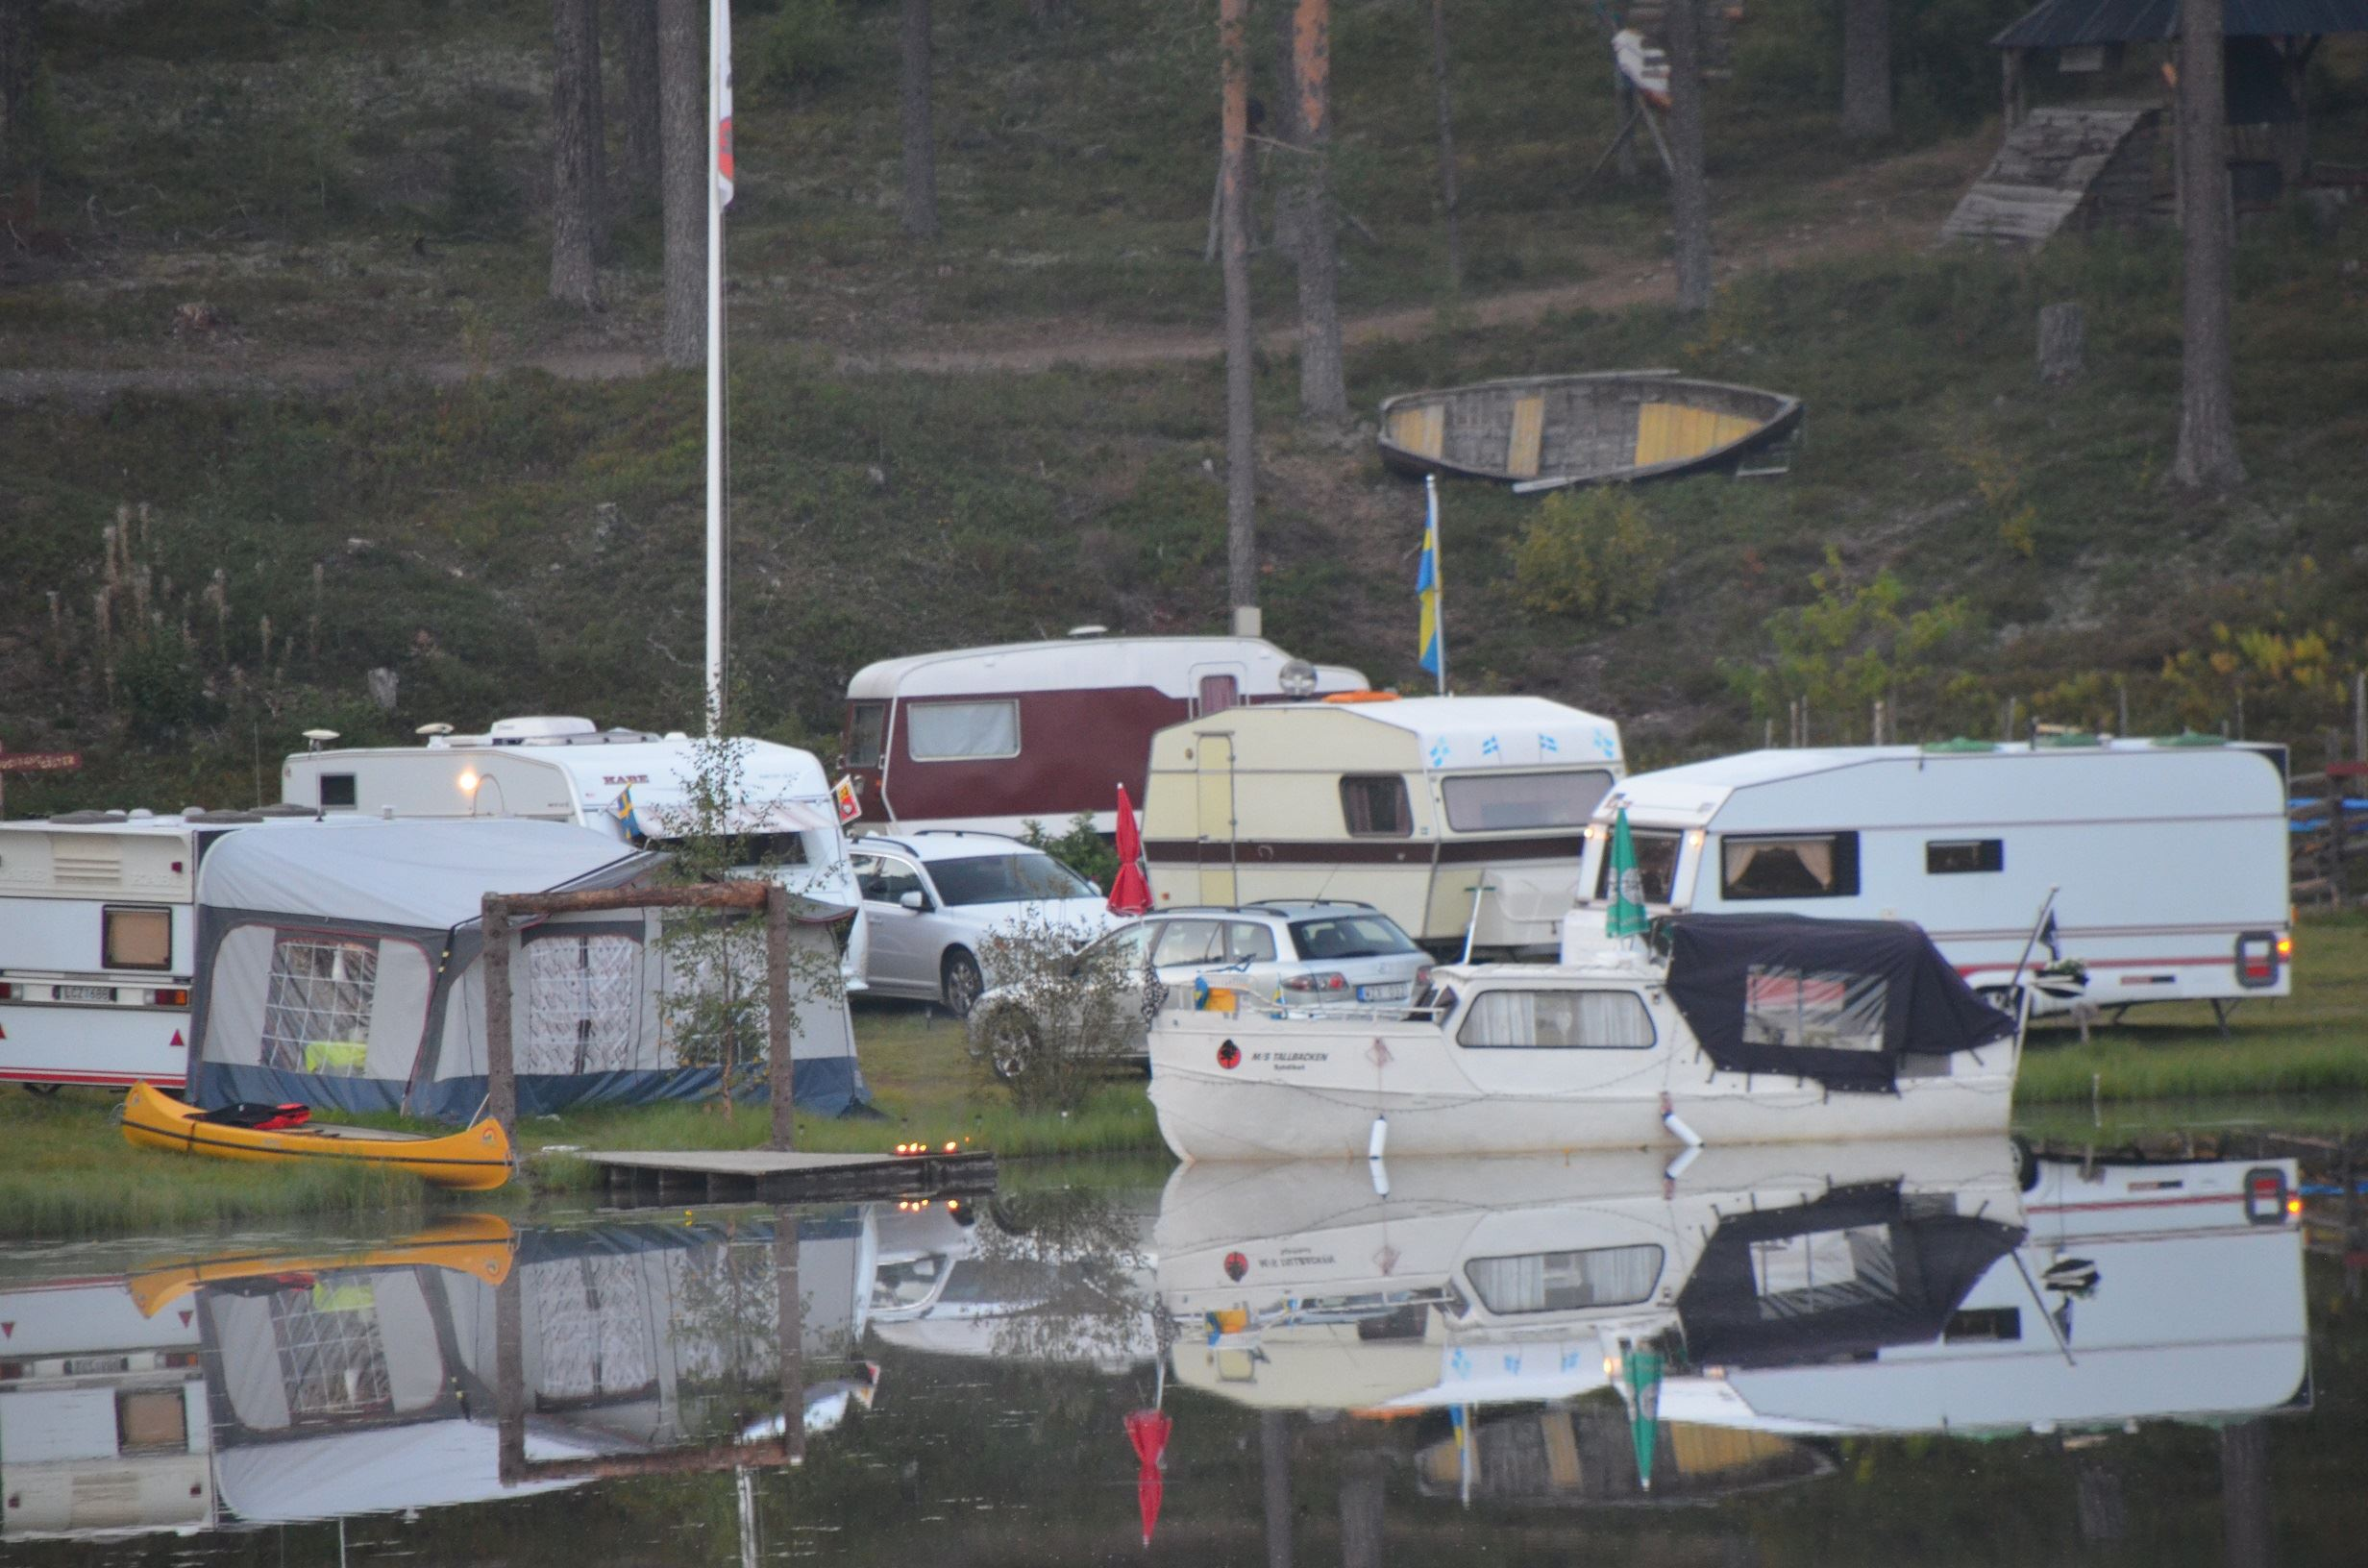 Tallbackens Camping